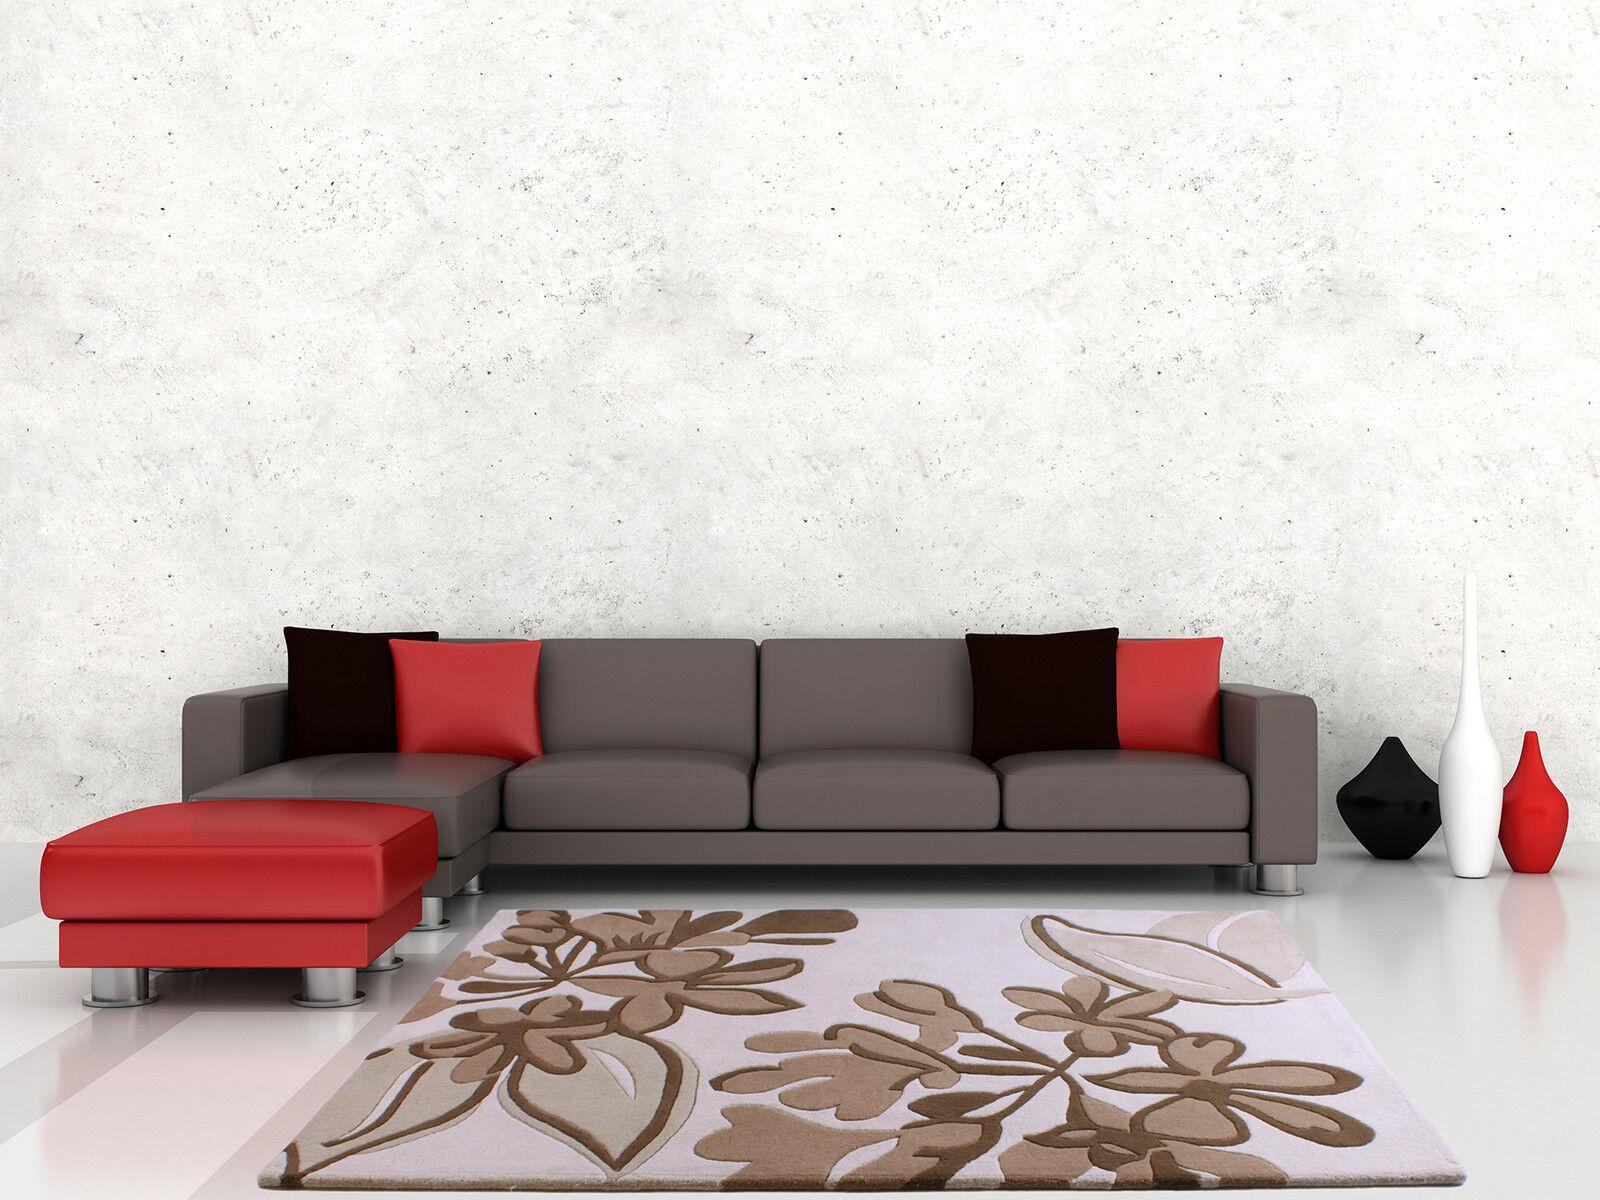 Floral art royaume beige marron marron marron luxe laine tapis en tailles diverses | Les Produits Sont Vendu Sans Limitations  cb5633